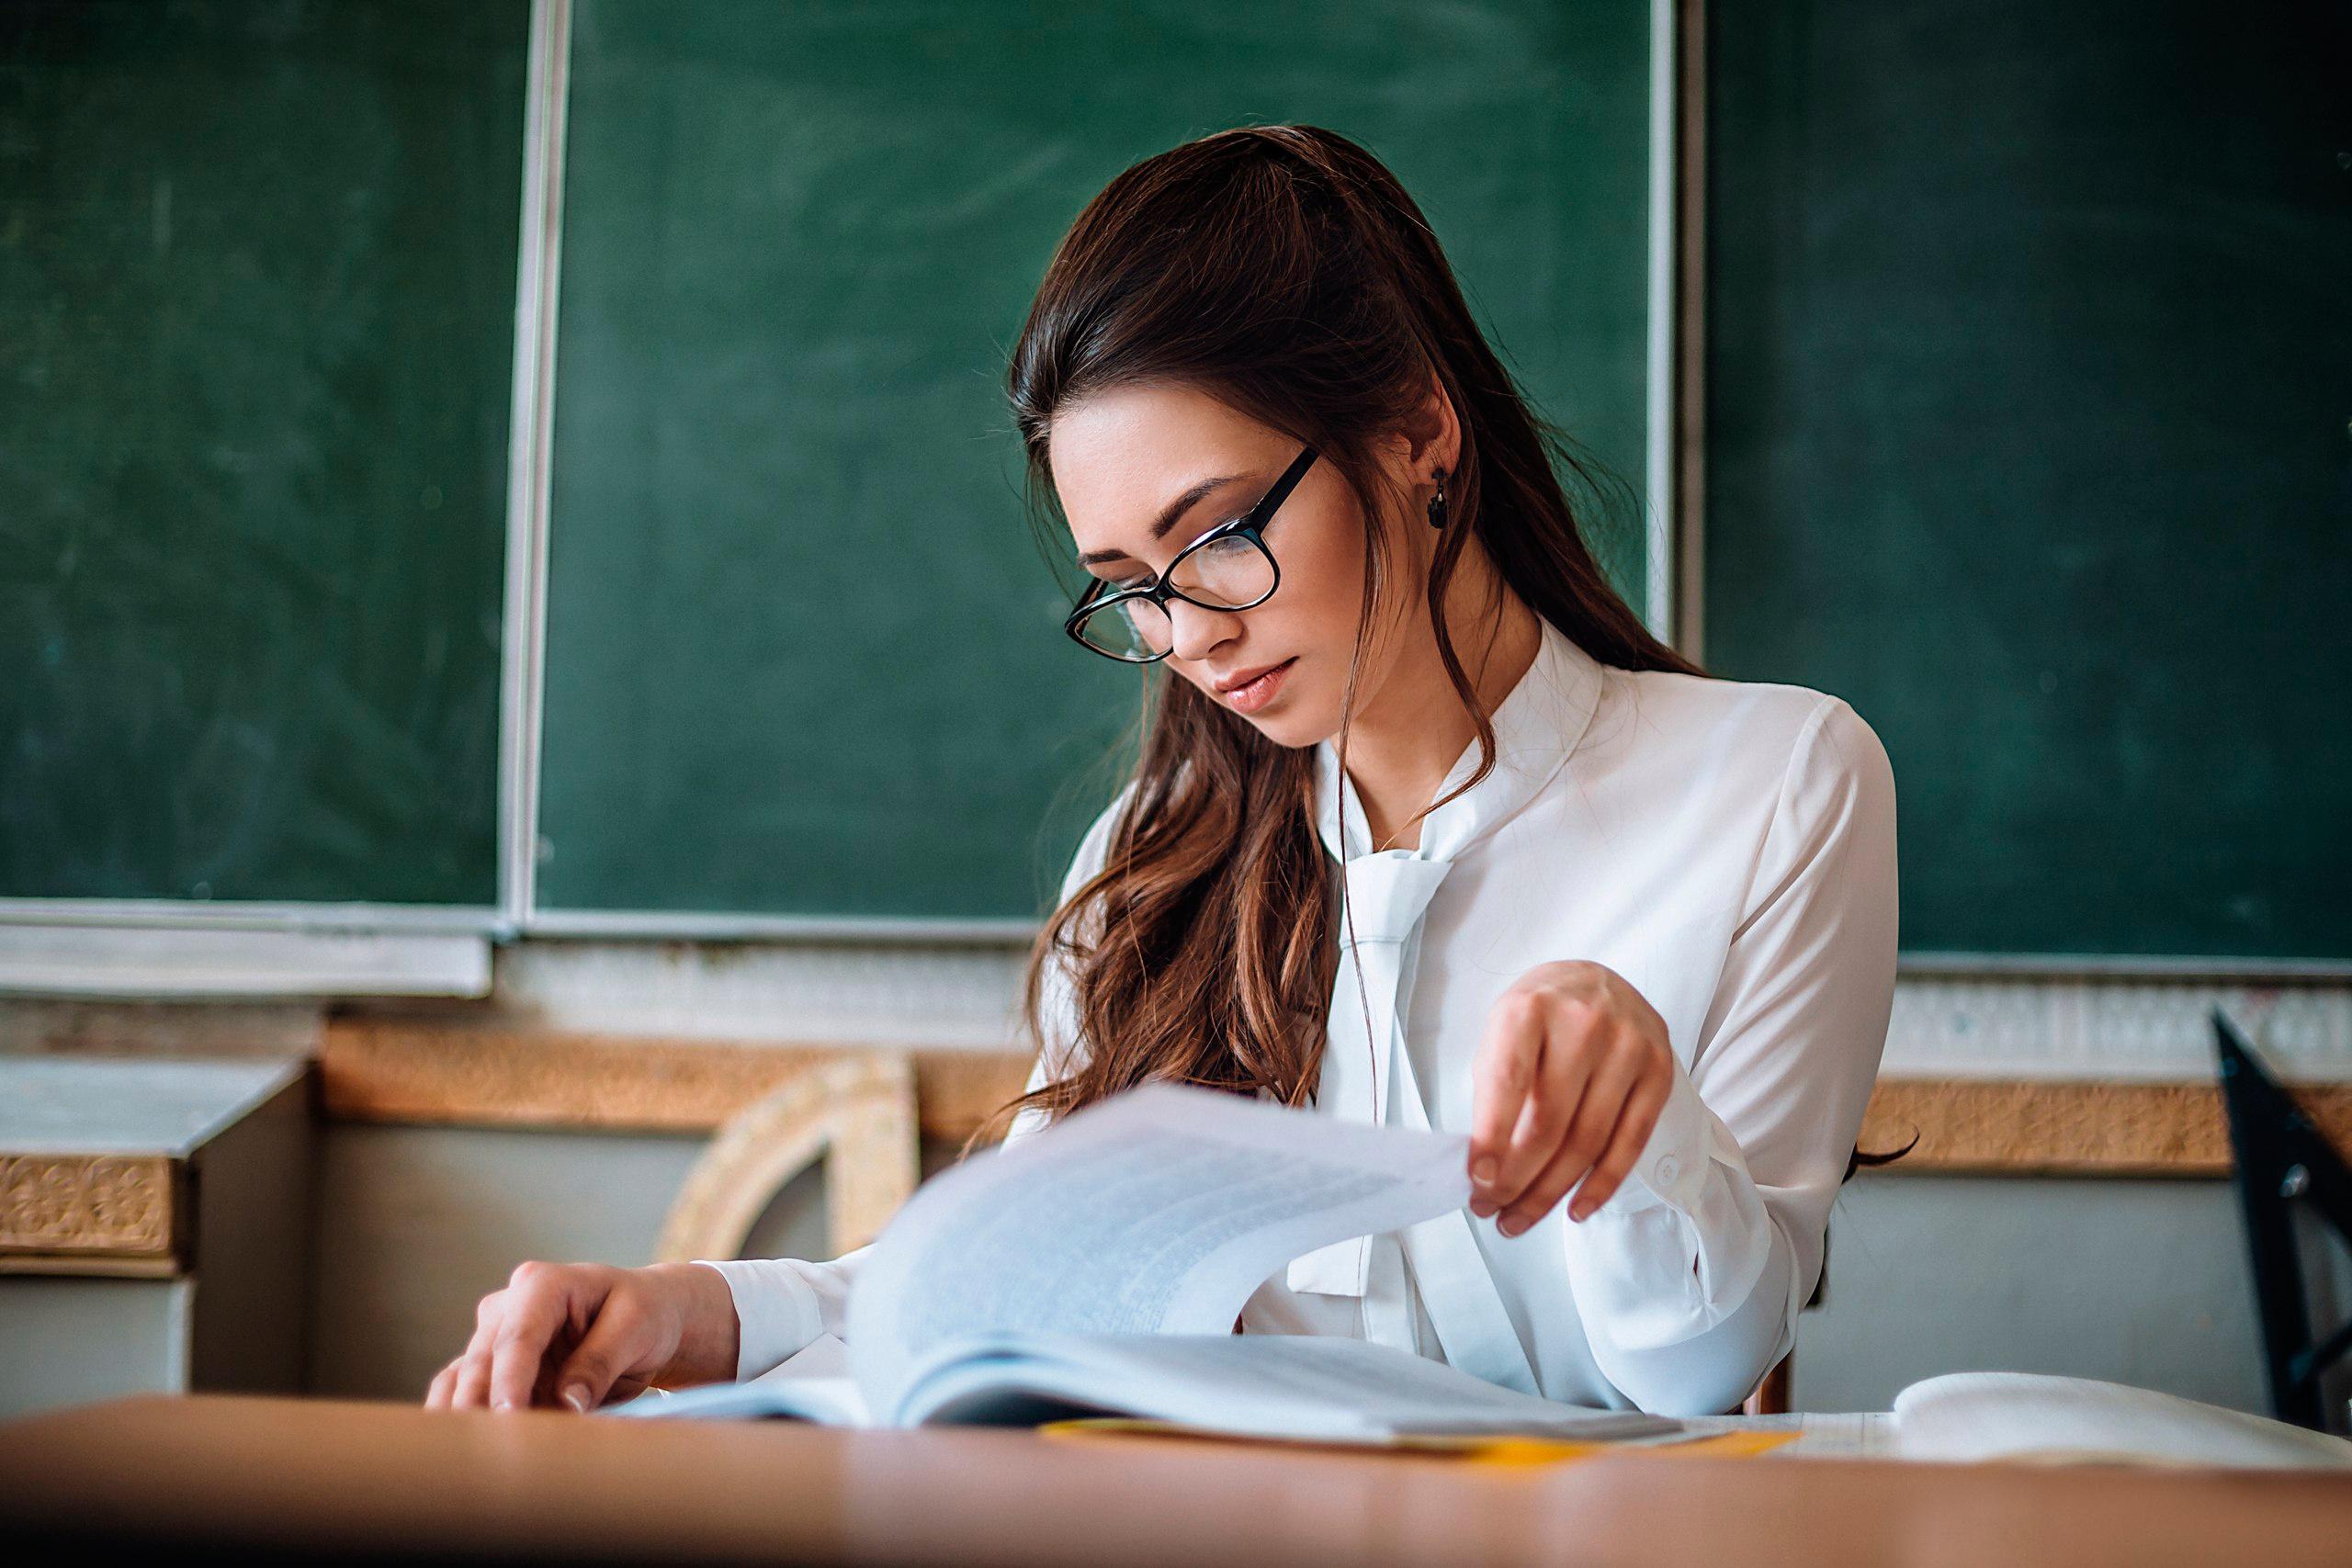 Xx beautiful teacher, pakistani cute teen fucked